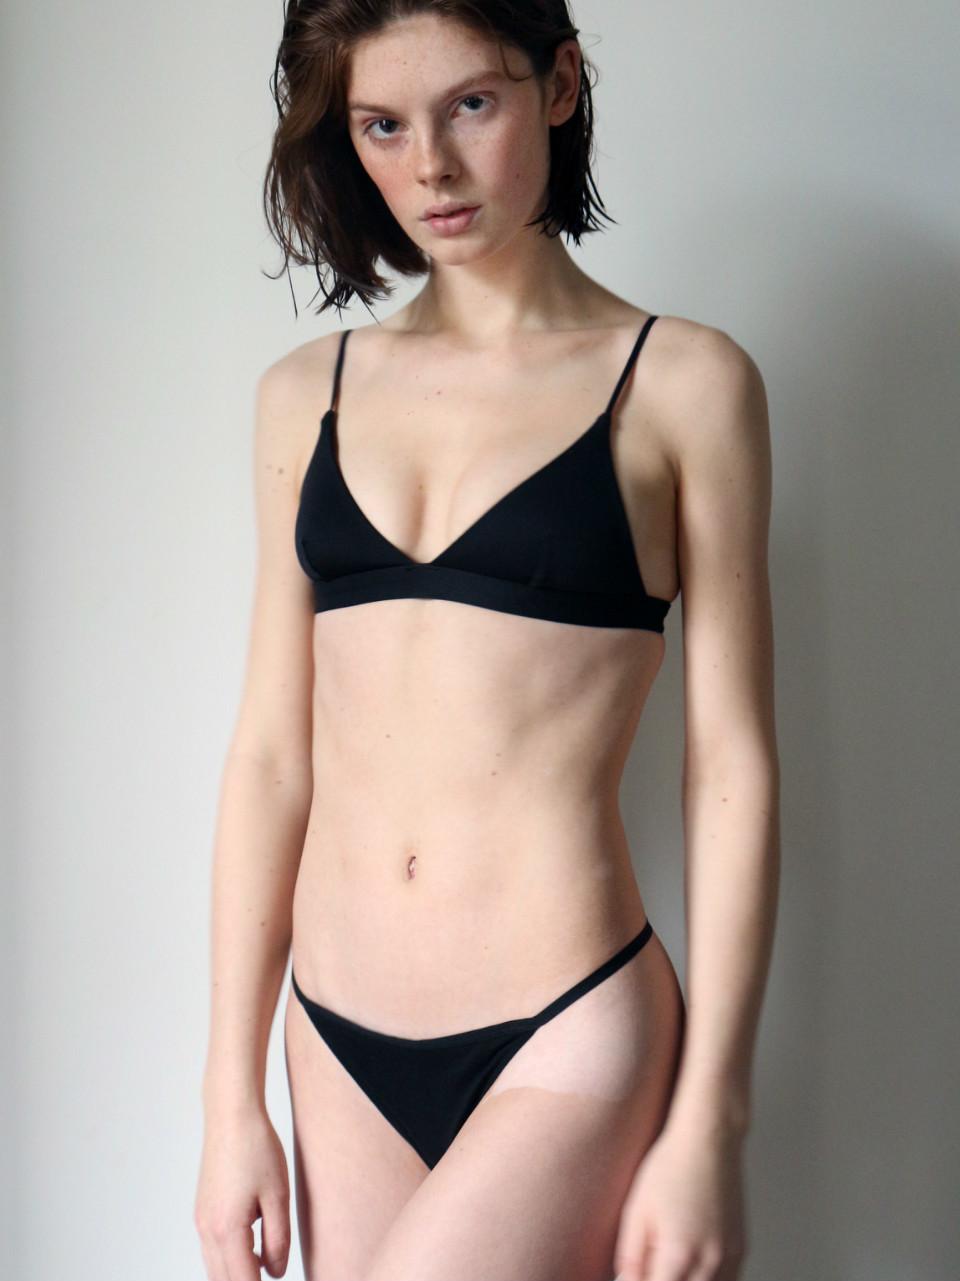 Chanel Asberg Nude Photos 55